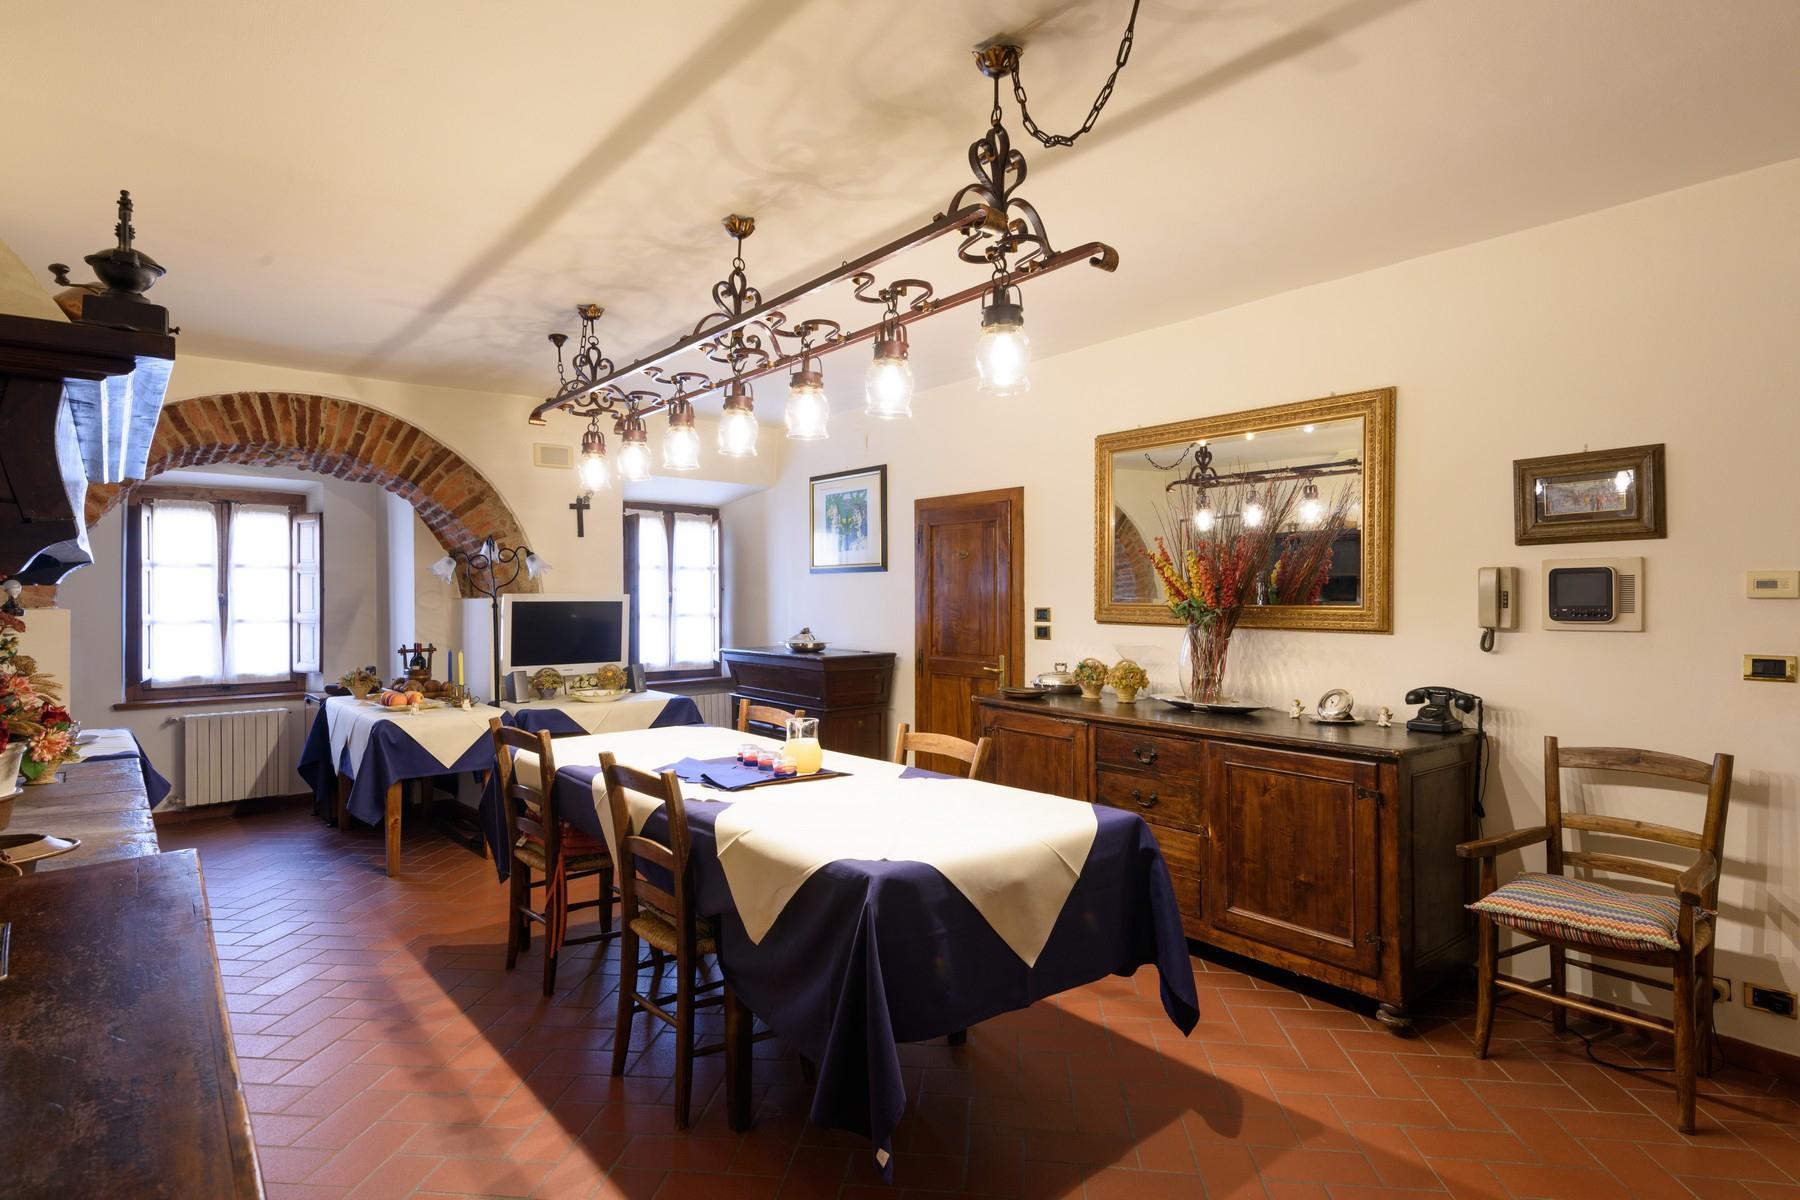 Val di Chiana中心地带10世纪的建筑 - 11